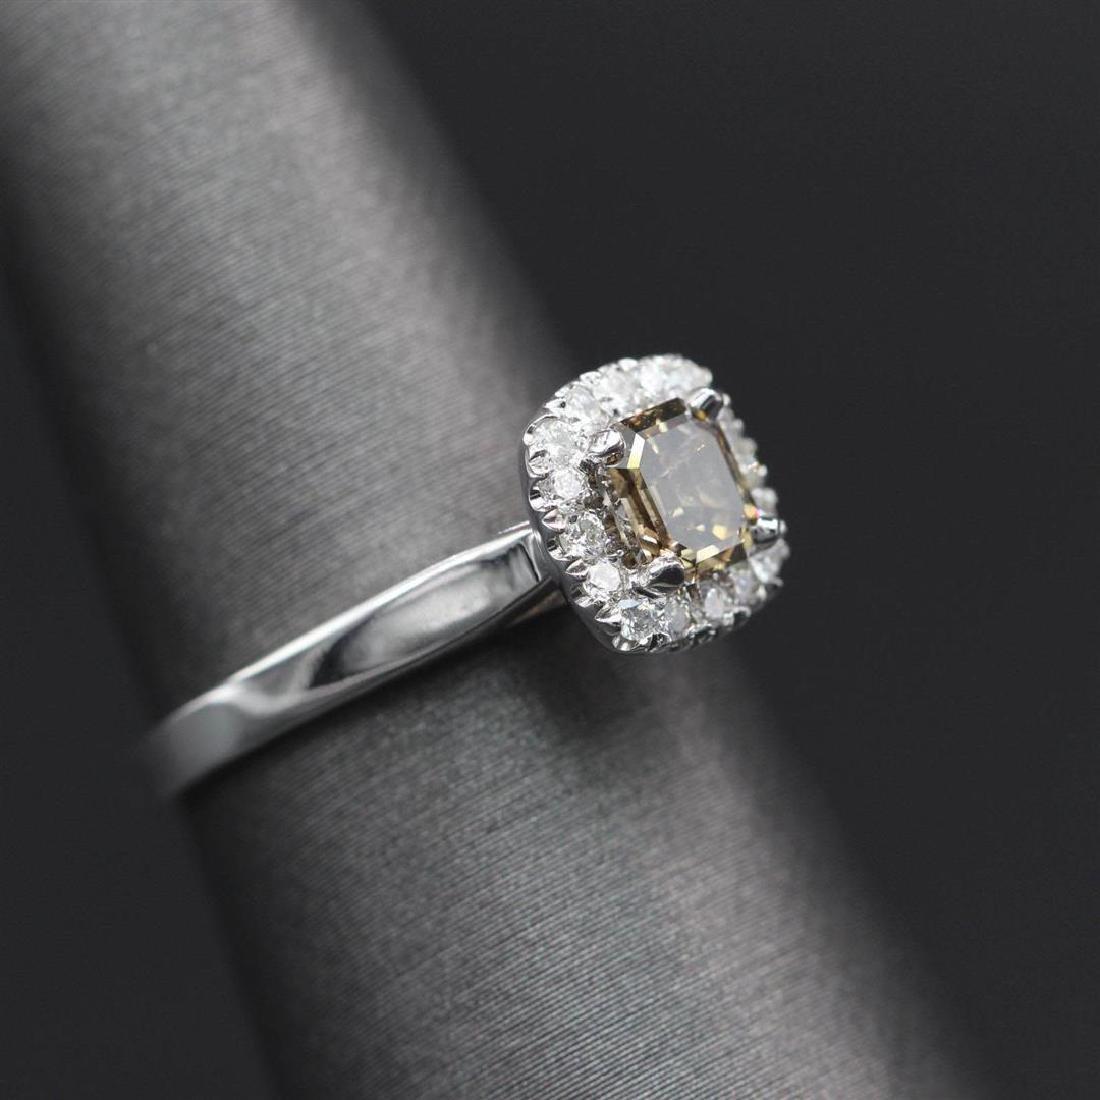 0.80 ctw Diamond Ring - 14KT White Gold - 3